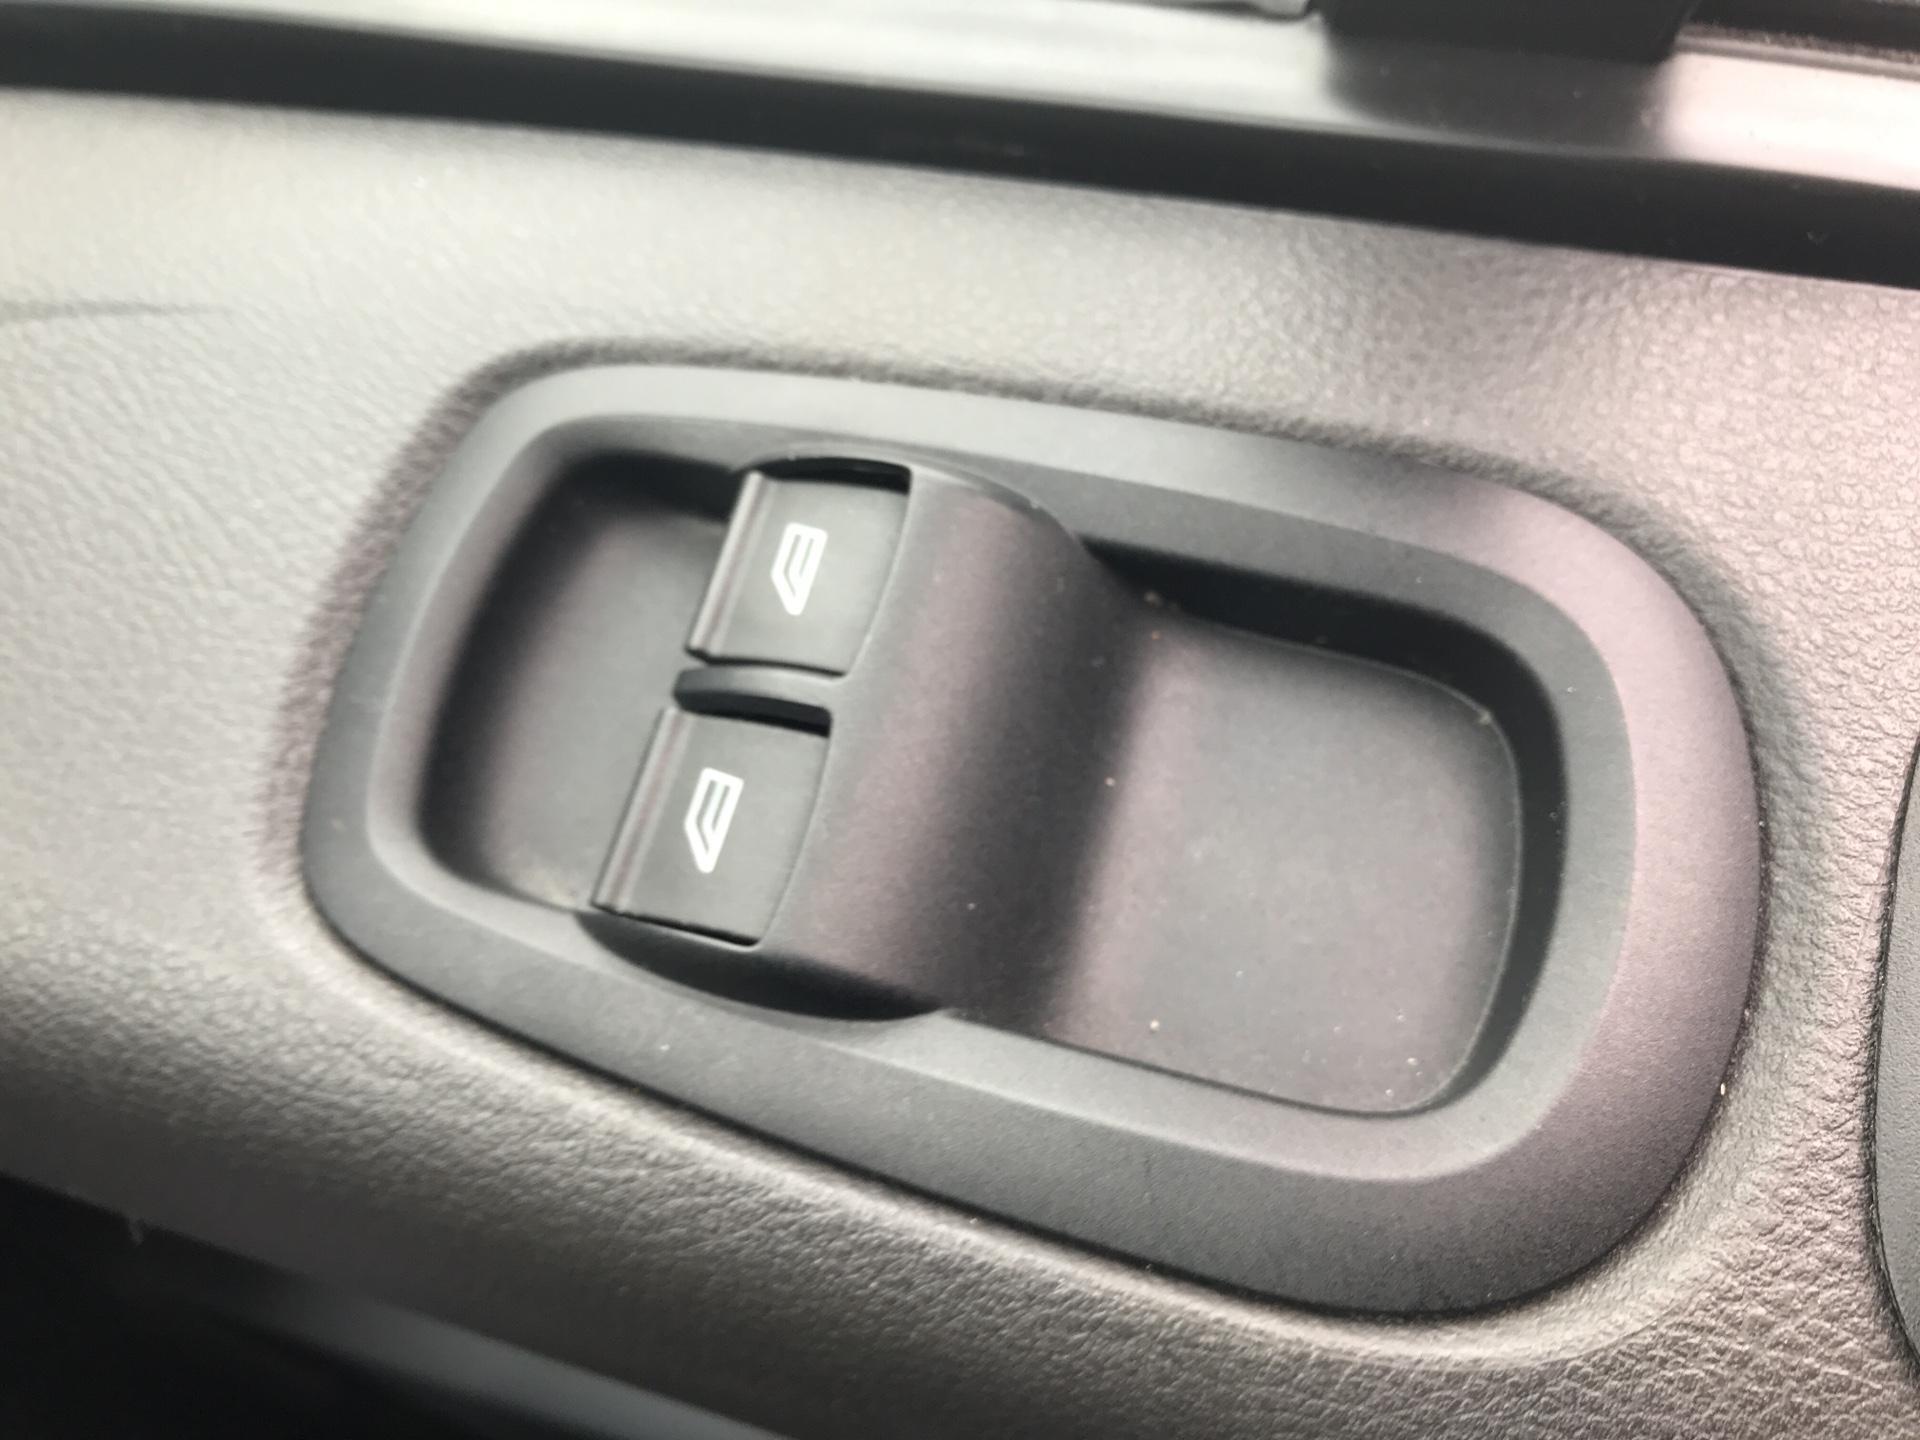 2017 Ford Transit Custom 270 L1 DIESEL FWD 2.2 TDCI 105PS LOW ROOF VAN EURO 5 (SK17ZYG) Image 20